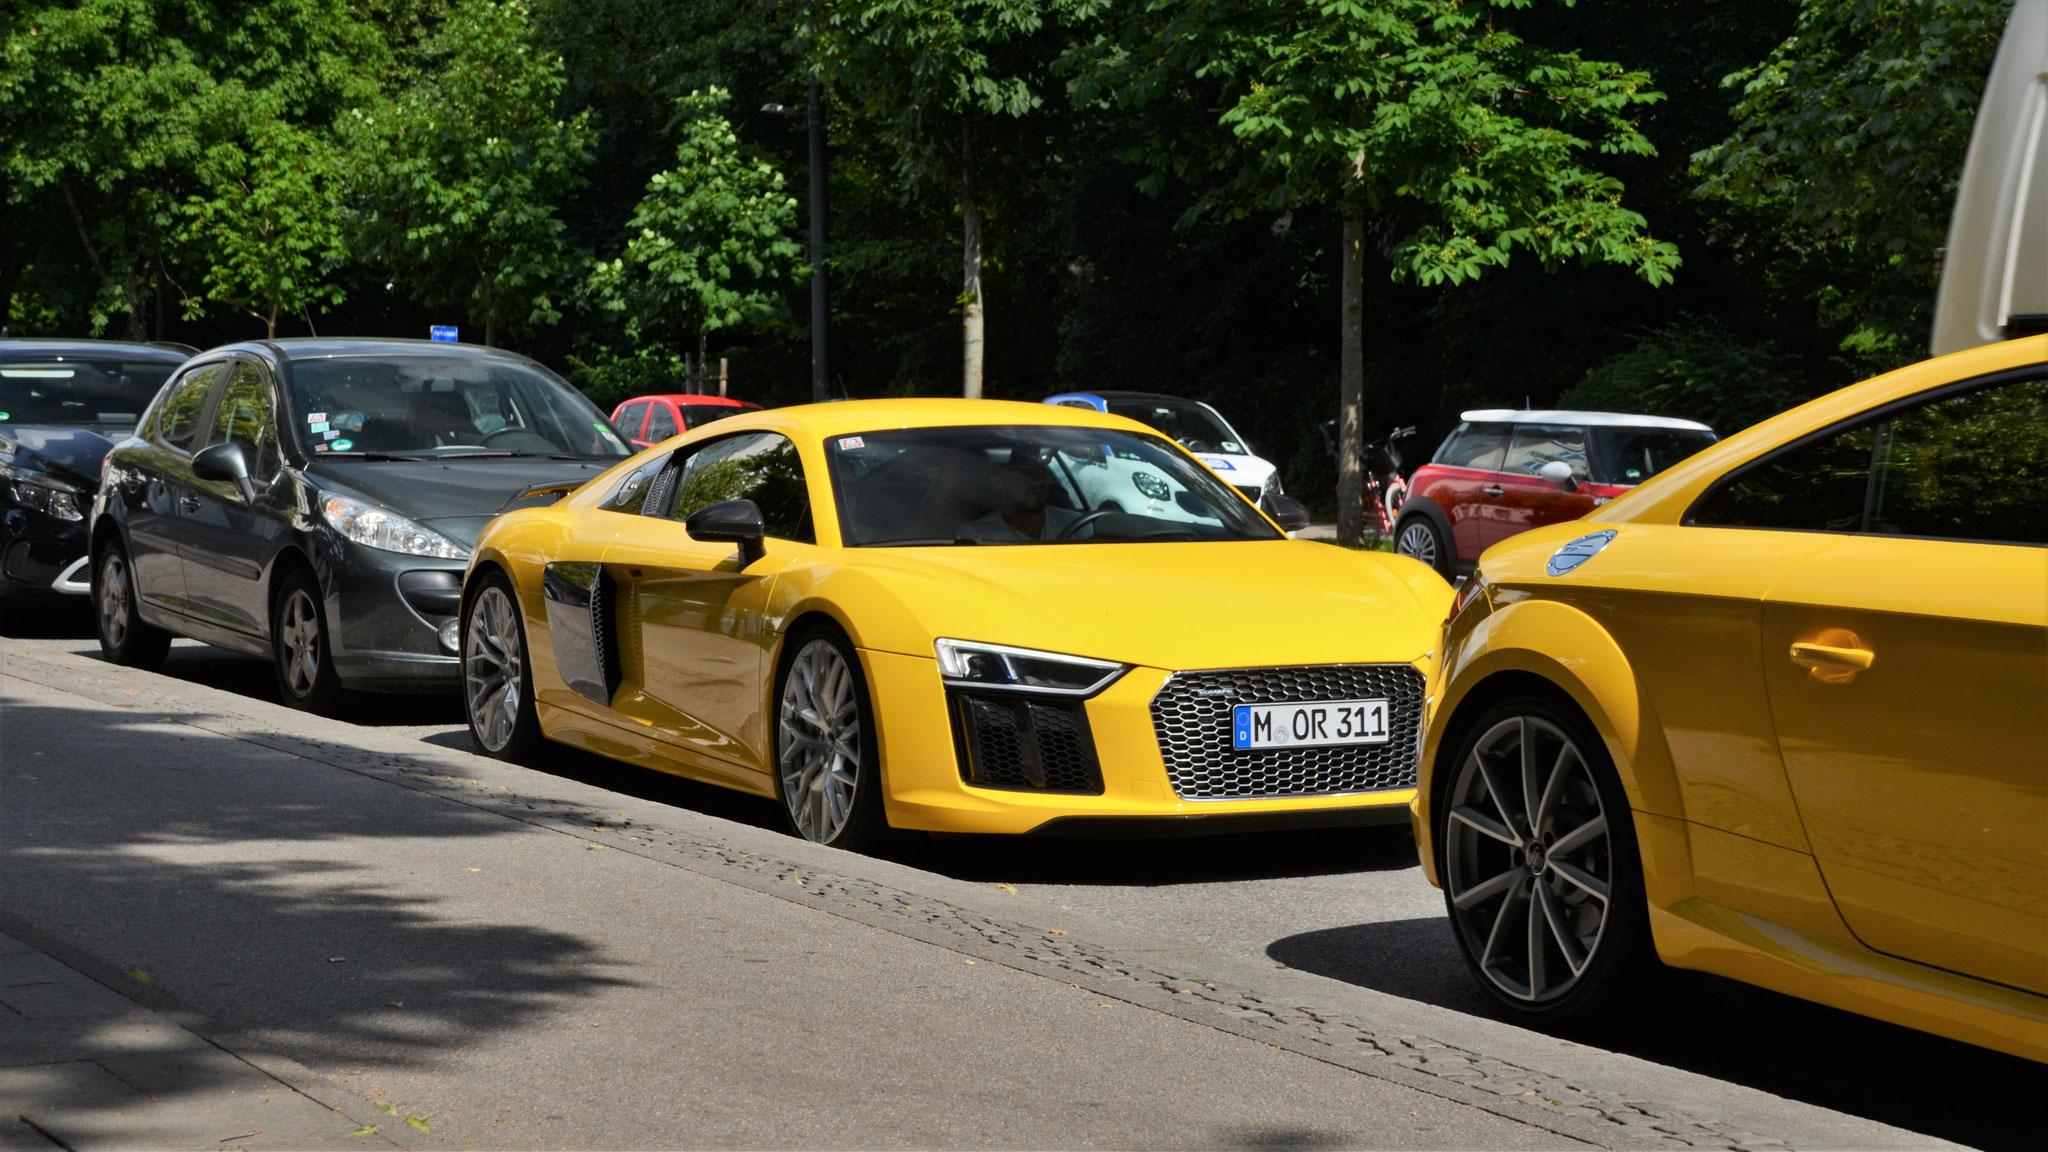 Audi R8 V10 - M-OR-311